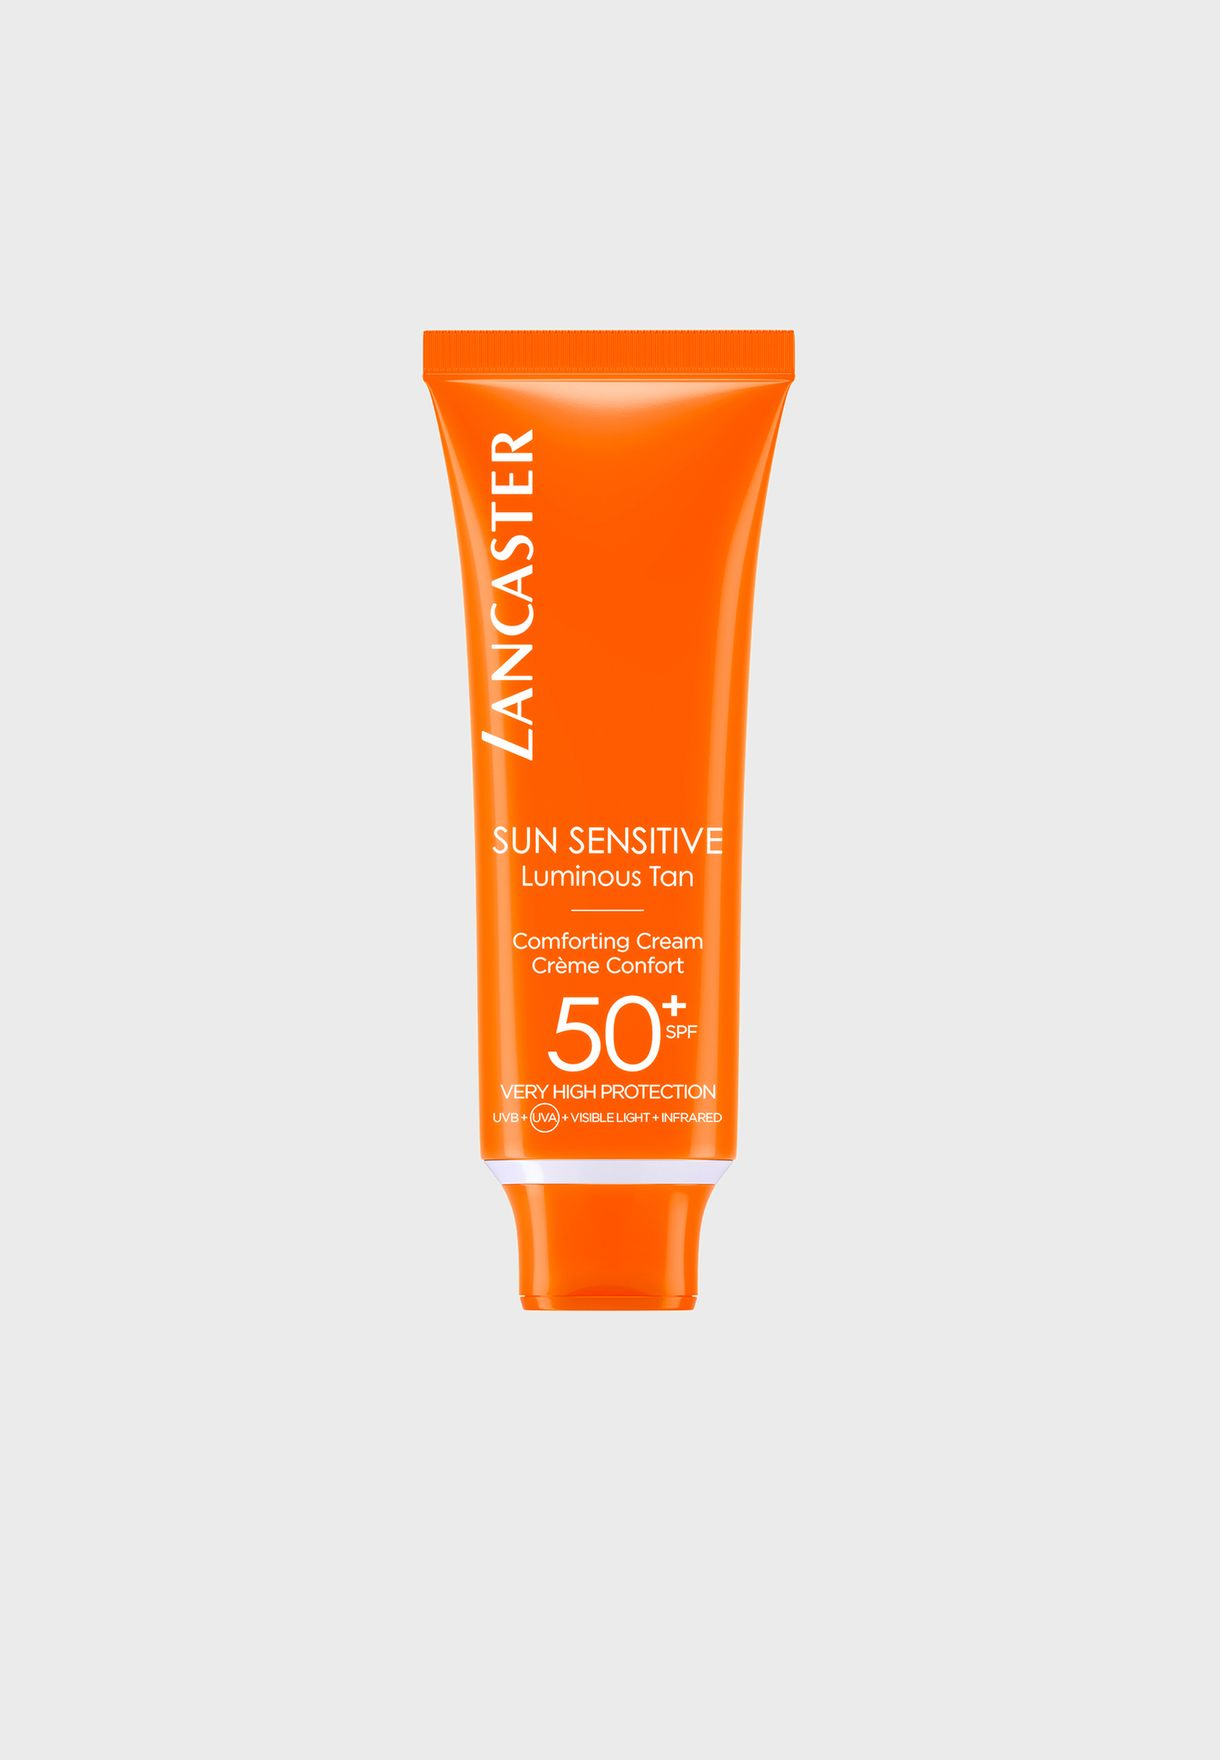 Sun Sensitive - Delicate Comforting Cream SPF50+ 5